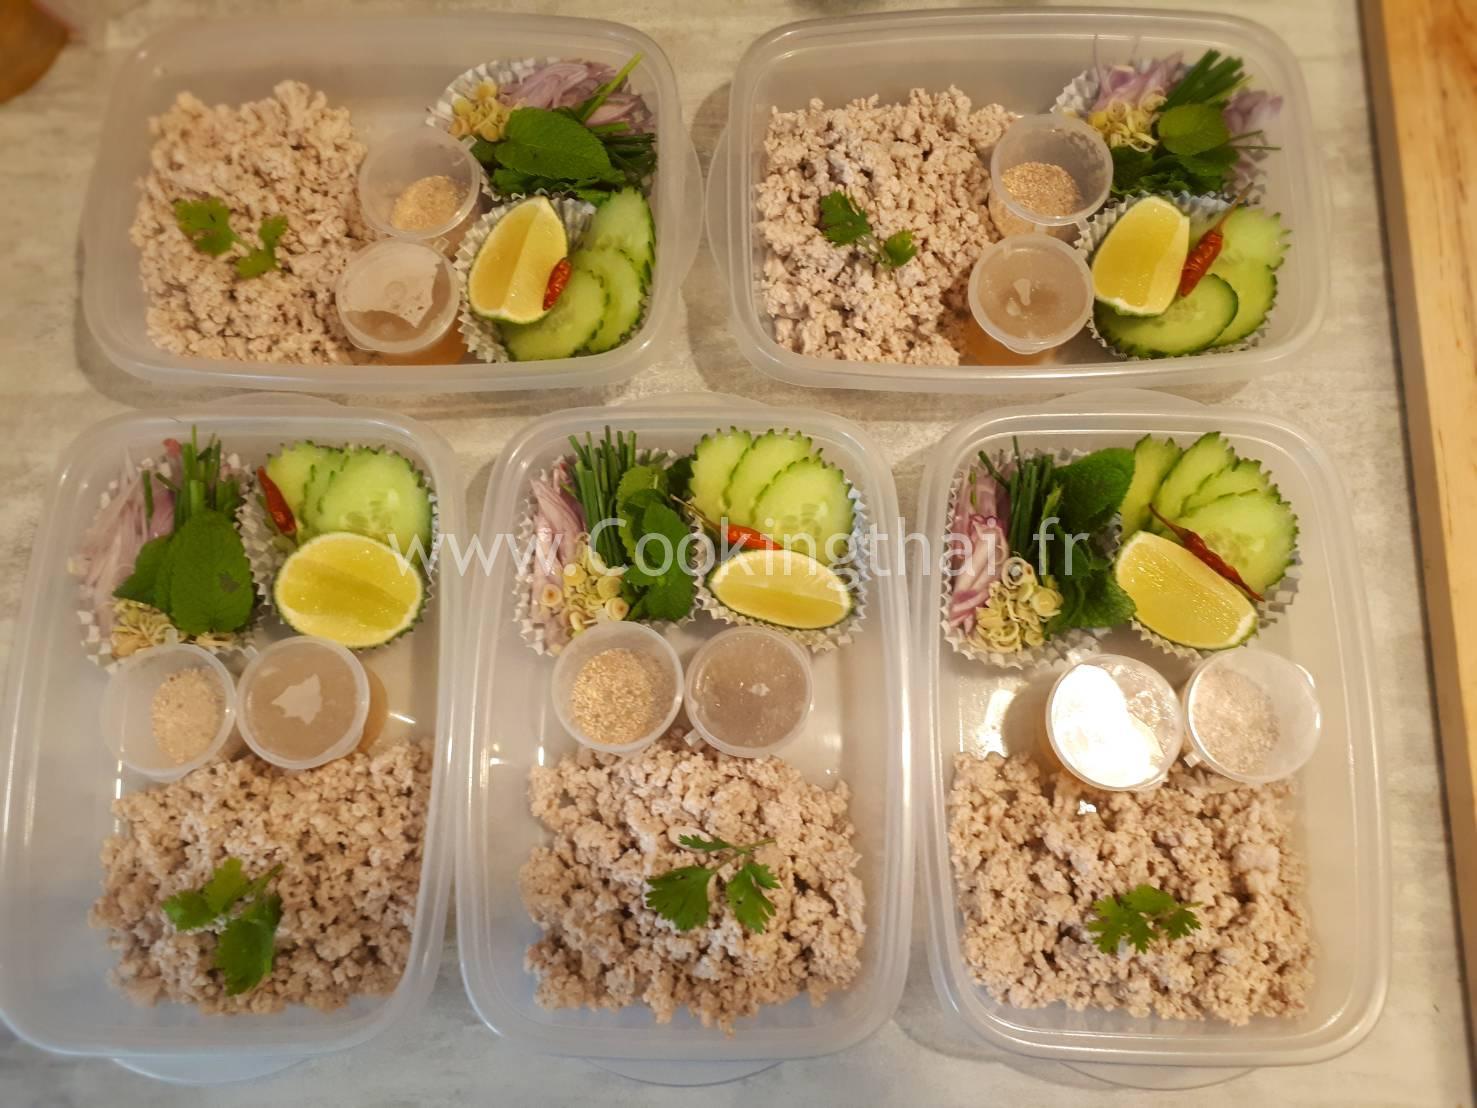 """La gamelle """"LARB MOO"""" Salade de porc épicé du Nord-Est de la Thaïlande."""